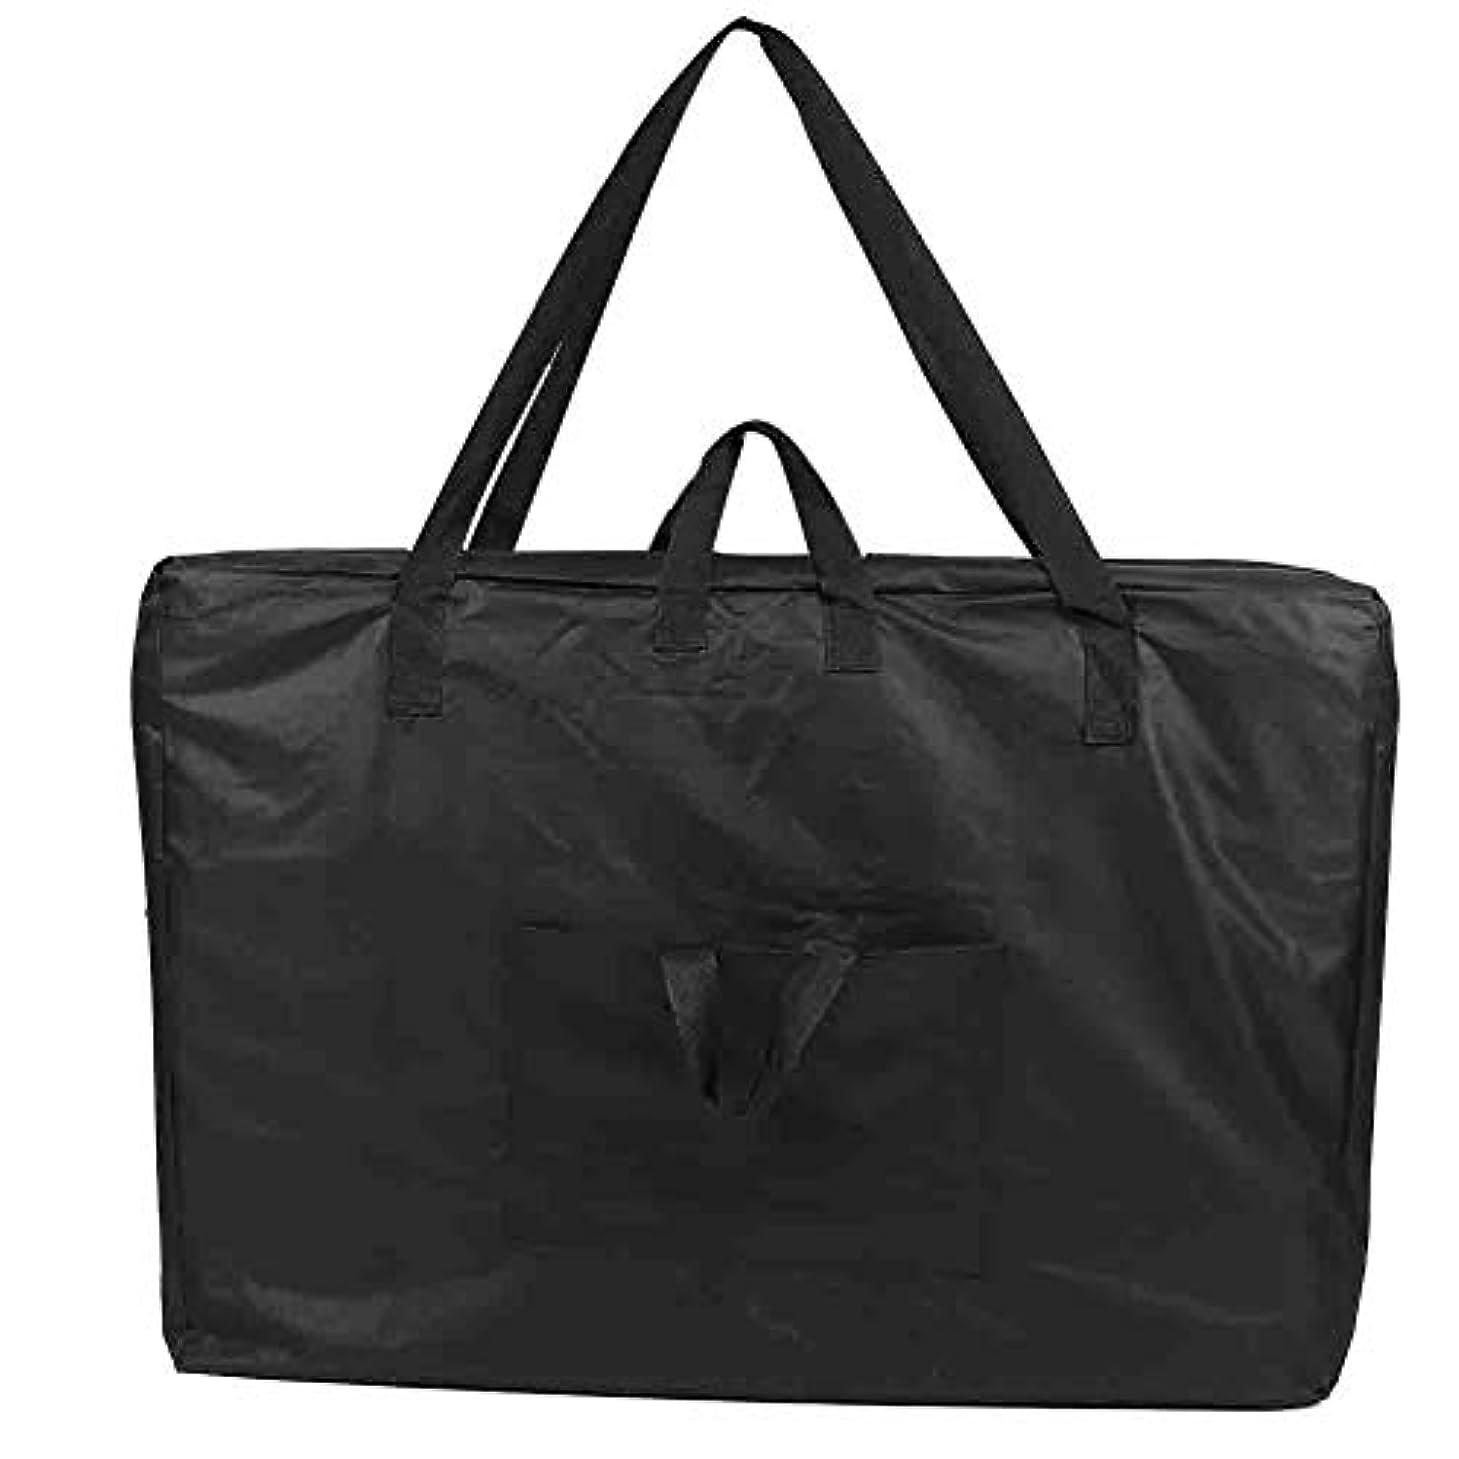 タックハーフ爵lポータブルスパテーブルマッサージベッドキャリングバッグ